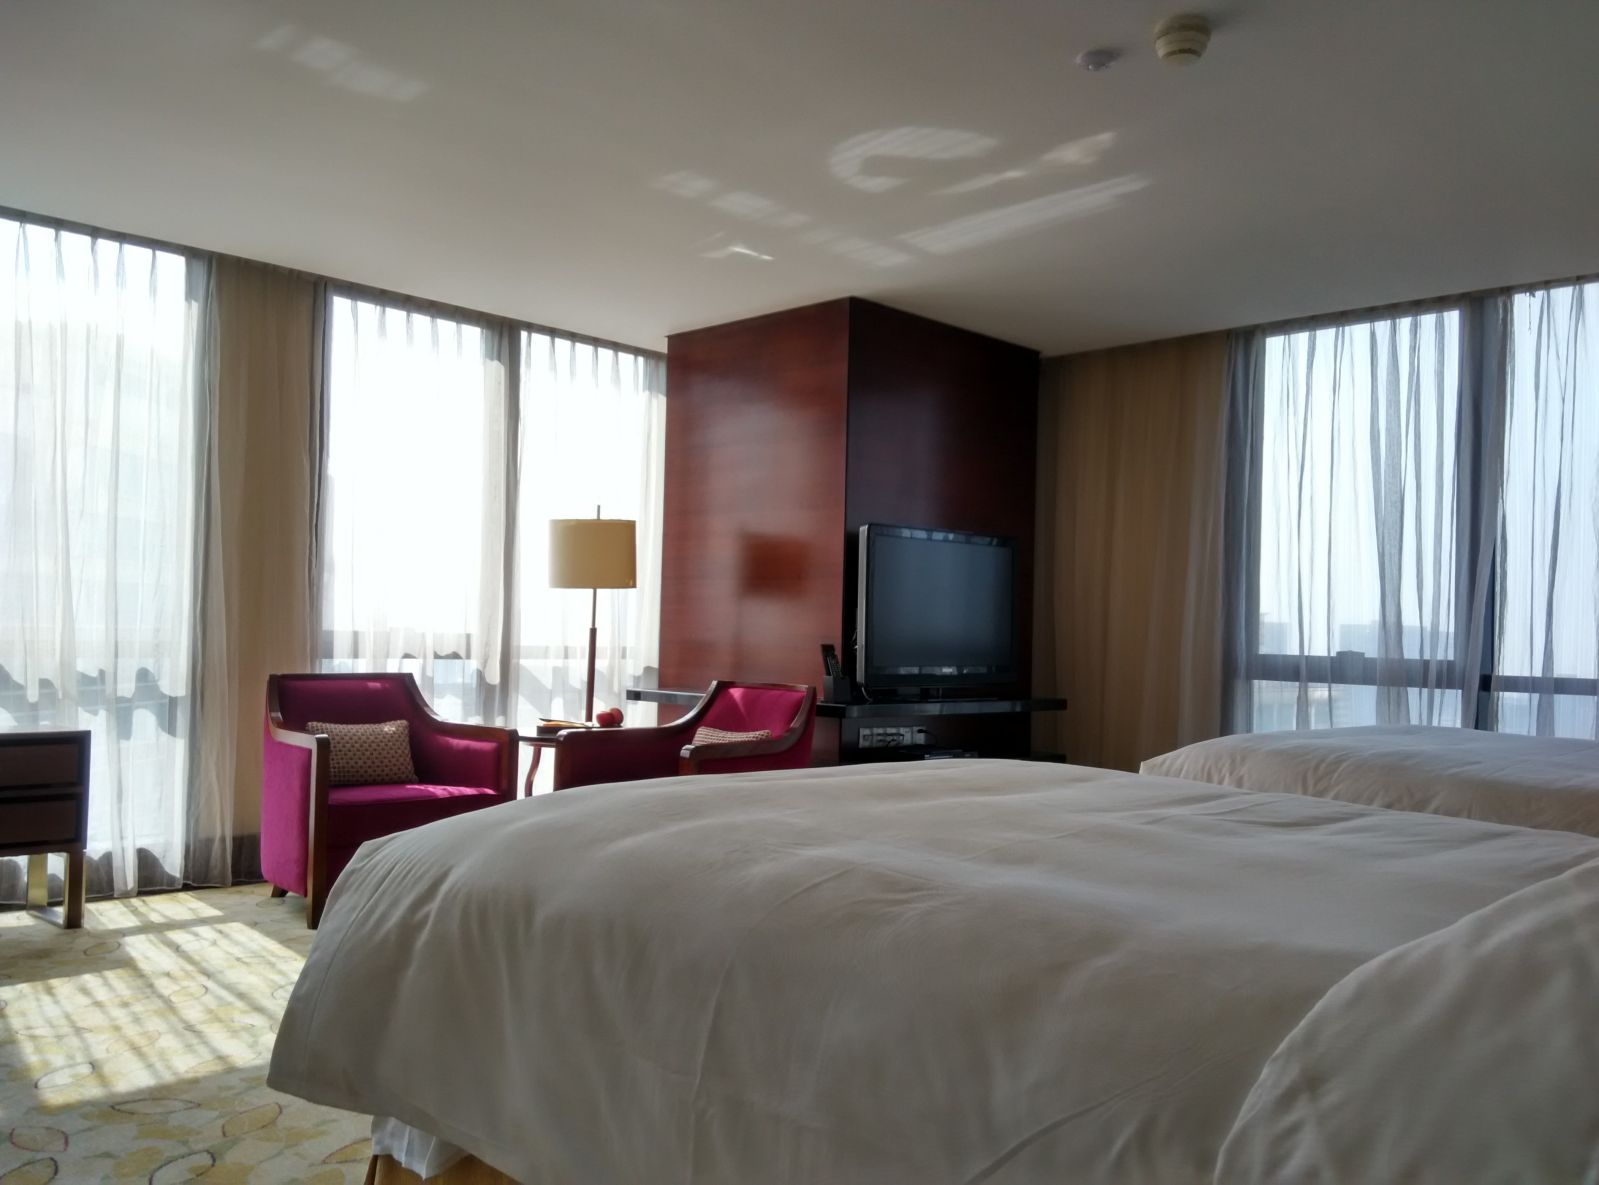 shenzhen-jw-marriott-room-2